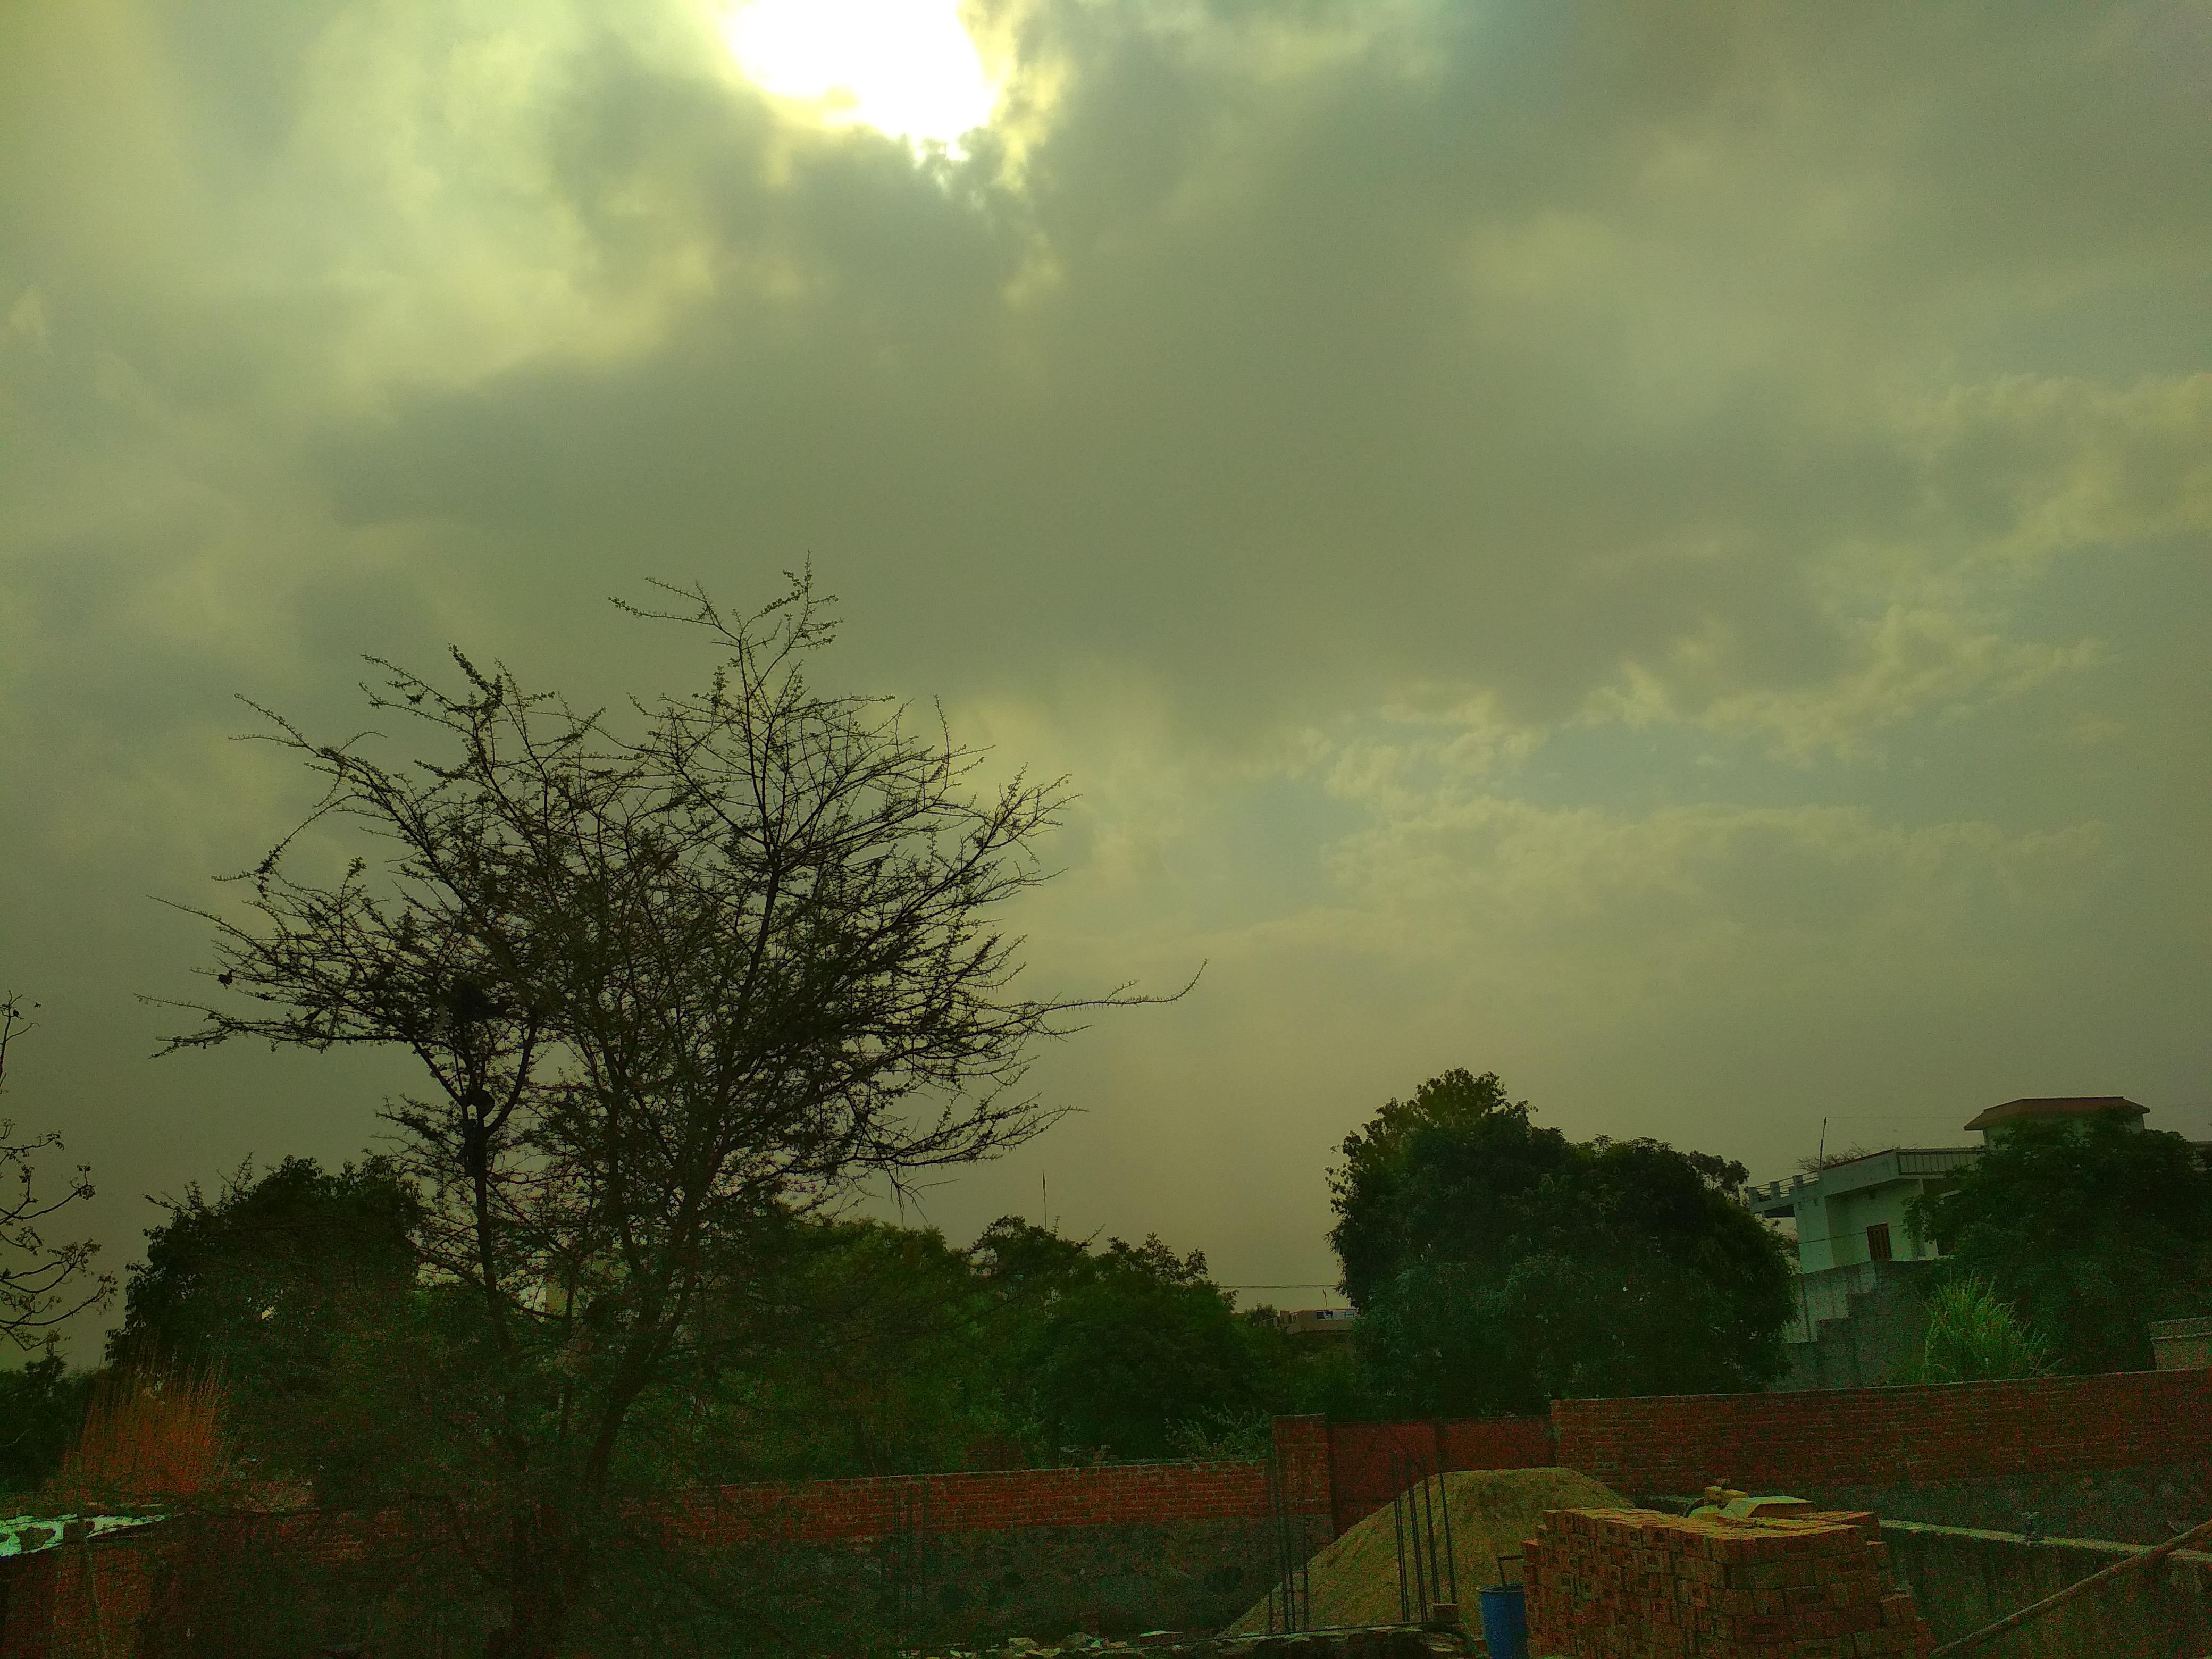 सीकर में बादलों में छिपा सूरज। - Dainik Bhaskar